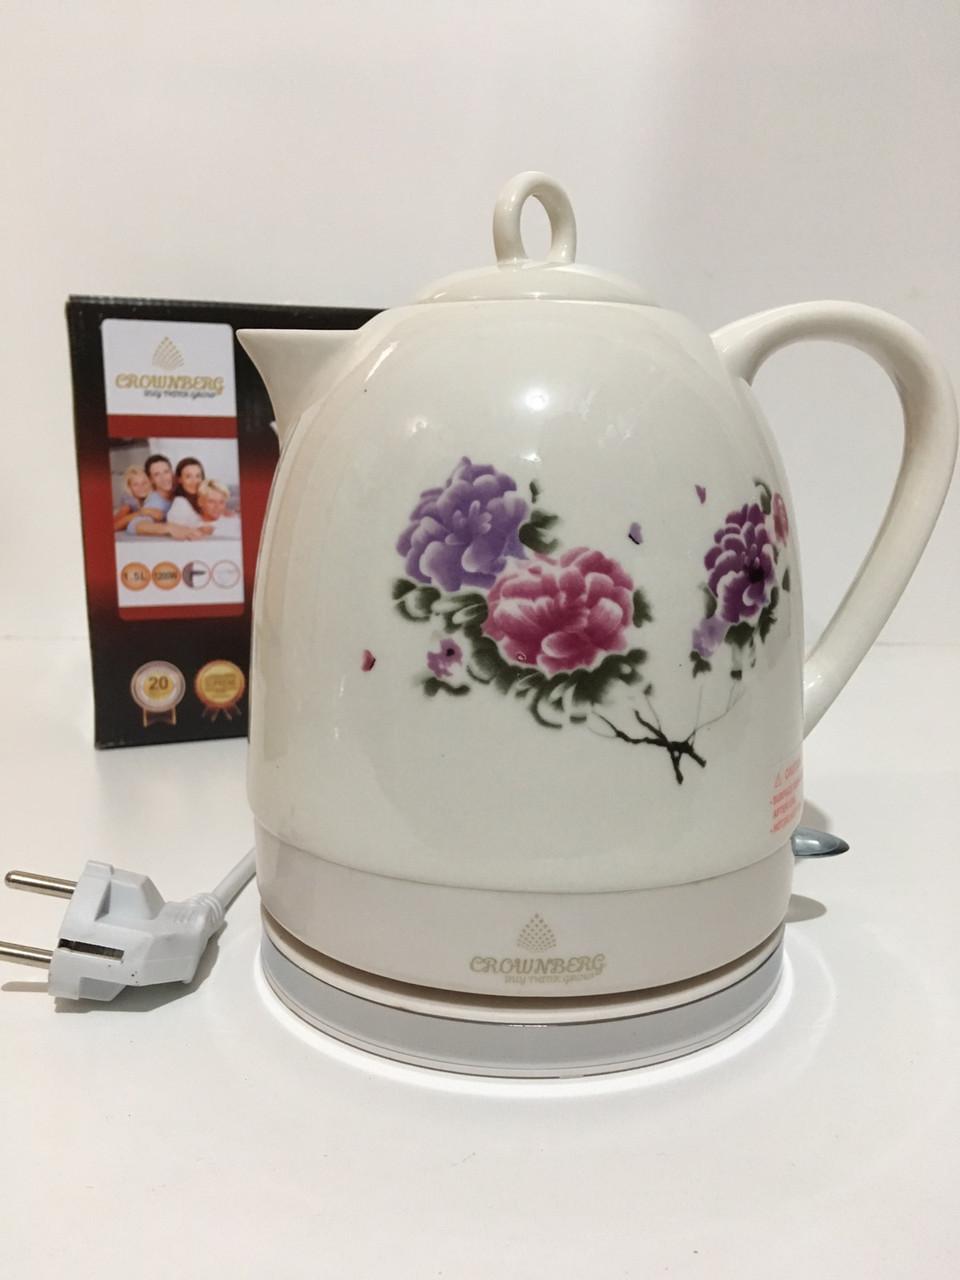 Электрический чайник Crownberg Ceramic CB 9111 керамический, 1,5L CG16 PR4